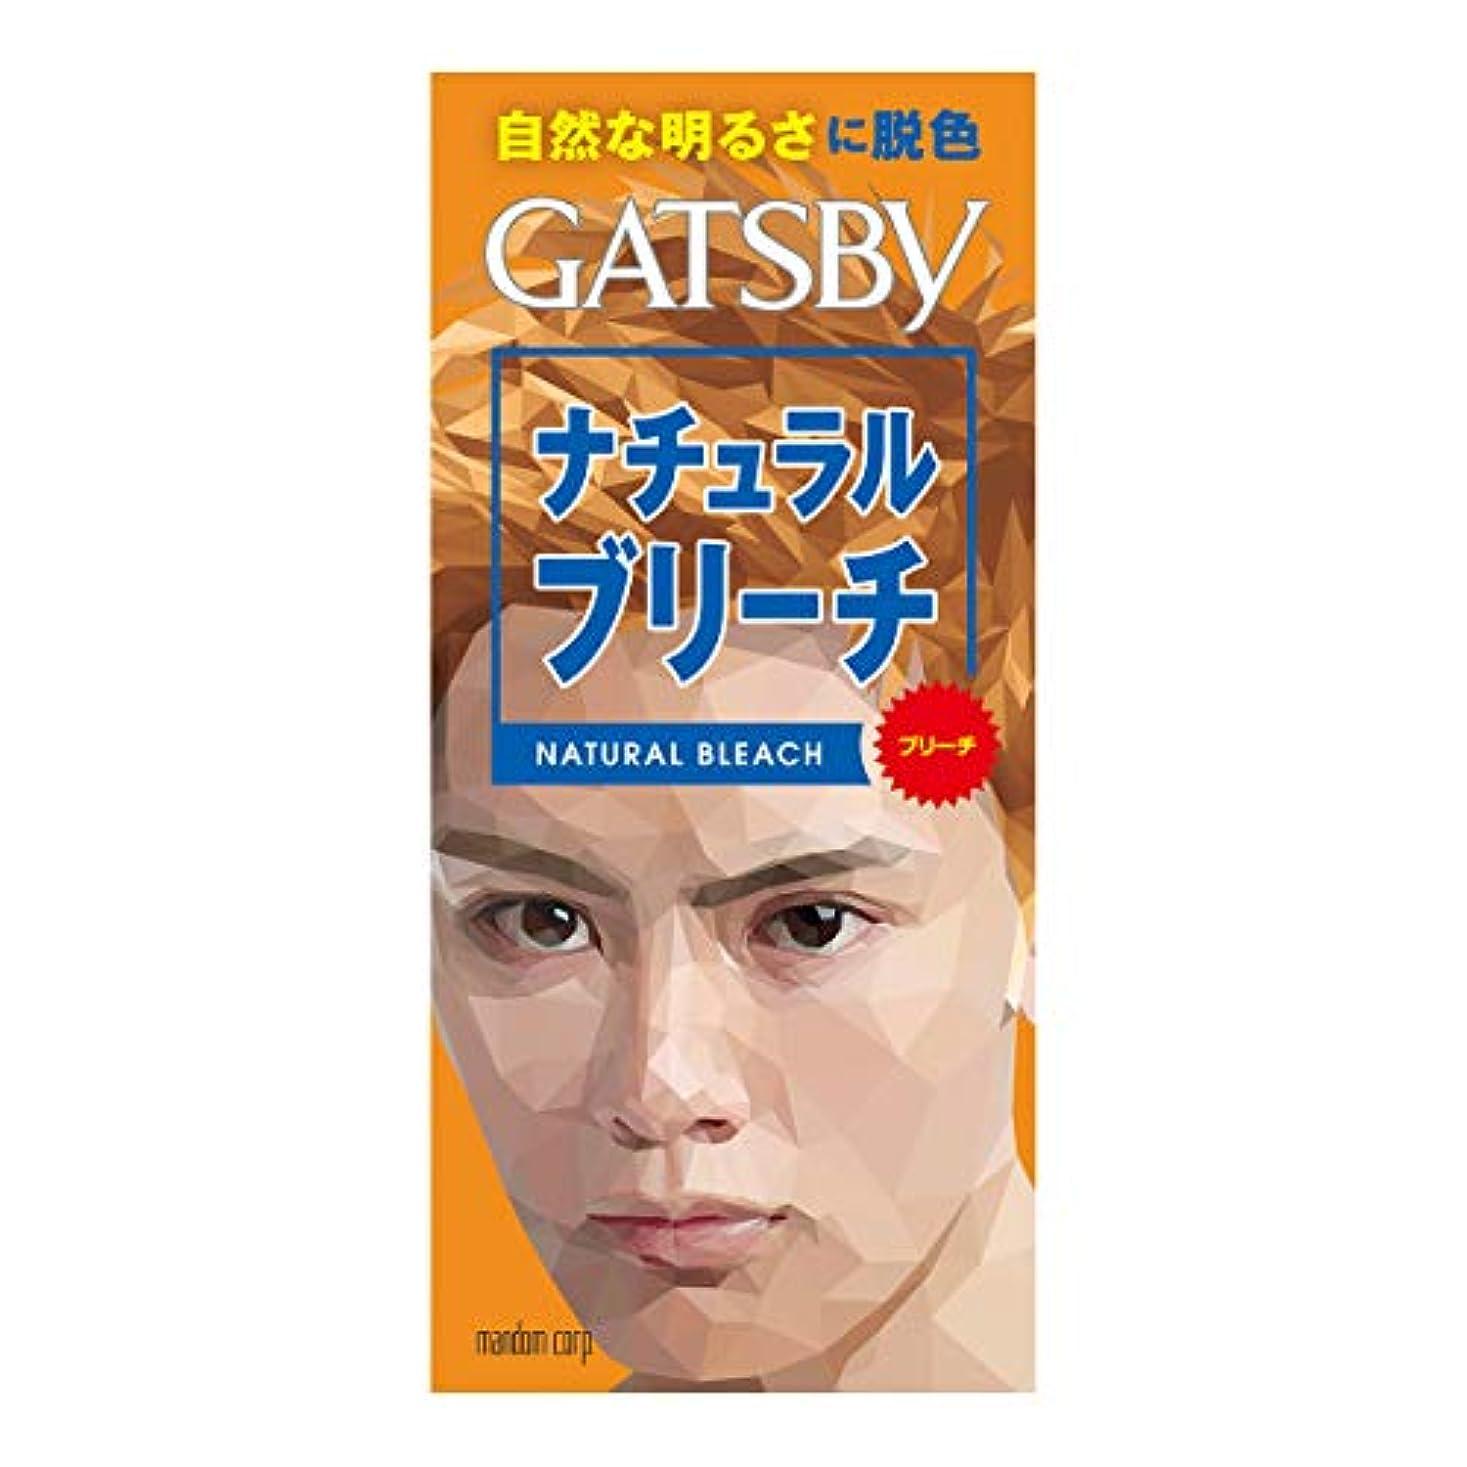 触手暗殺者うぬぼれたギャツビー ナチュラルブリーチ 【HTRC5.1】